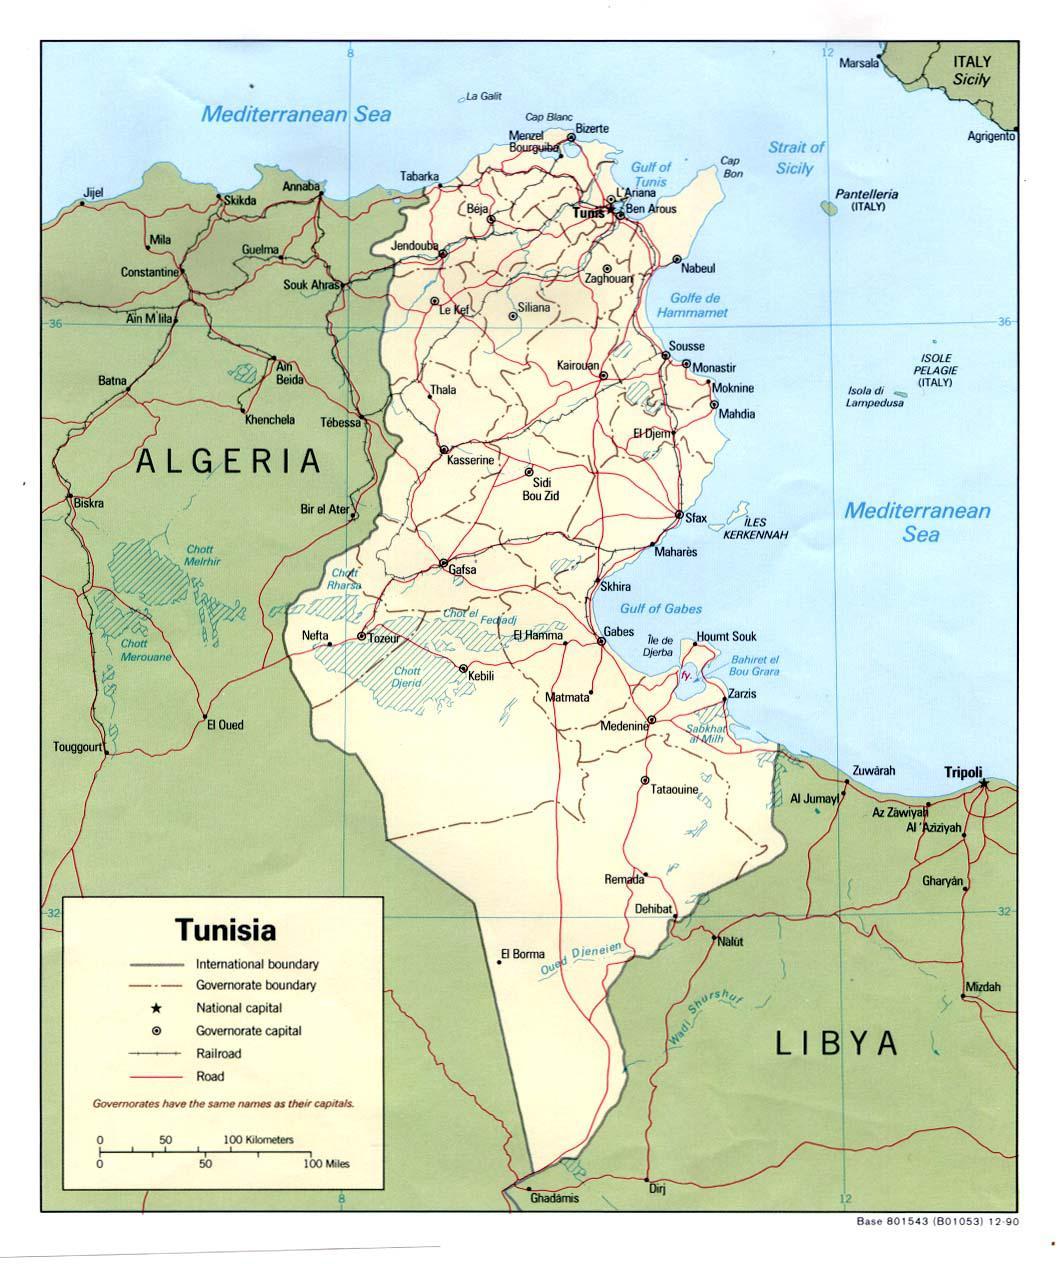 Carte politique de la Tunisie